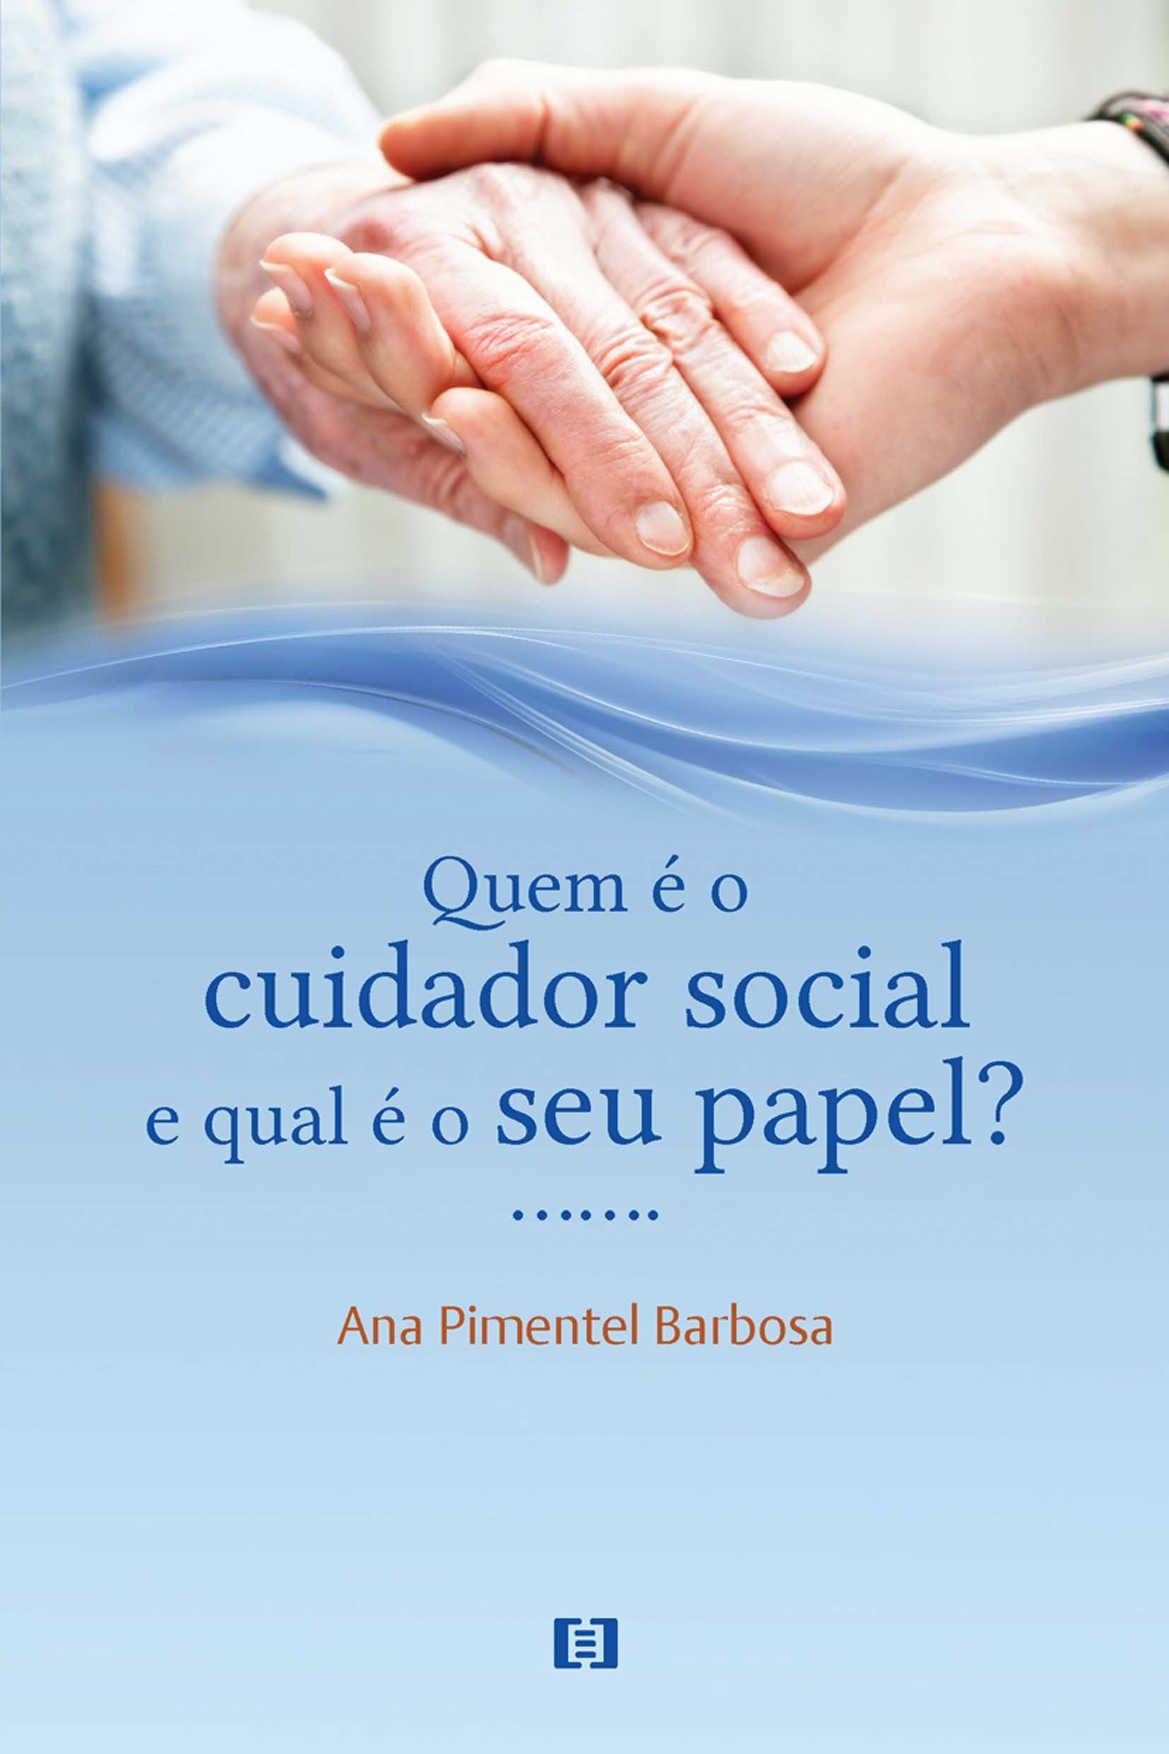 Quem é o cuidador social e qual é o seu papel?